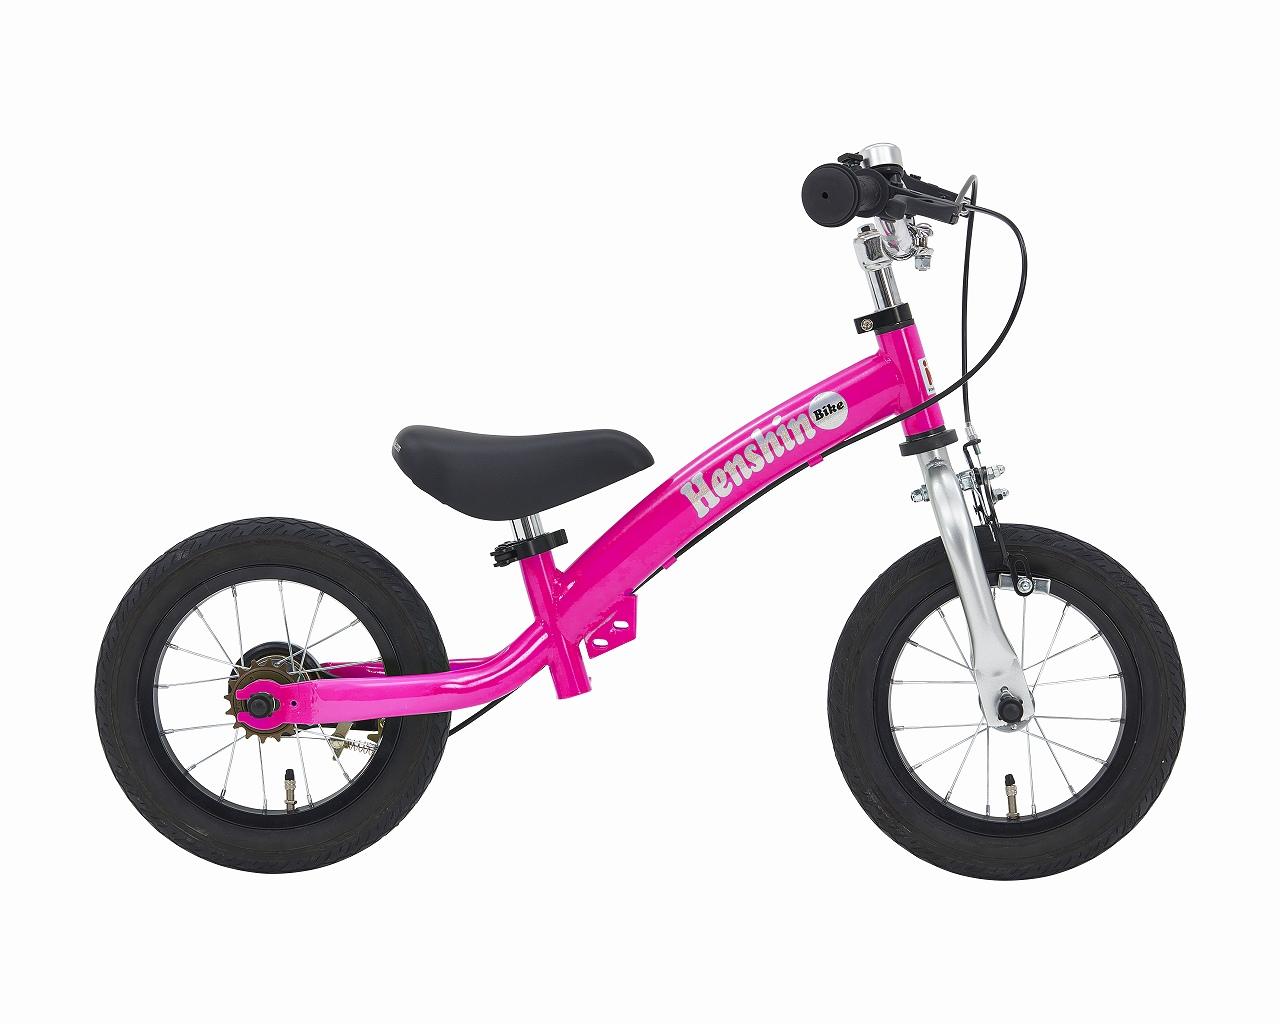 へんしんバイク2 ピンク